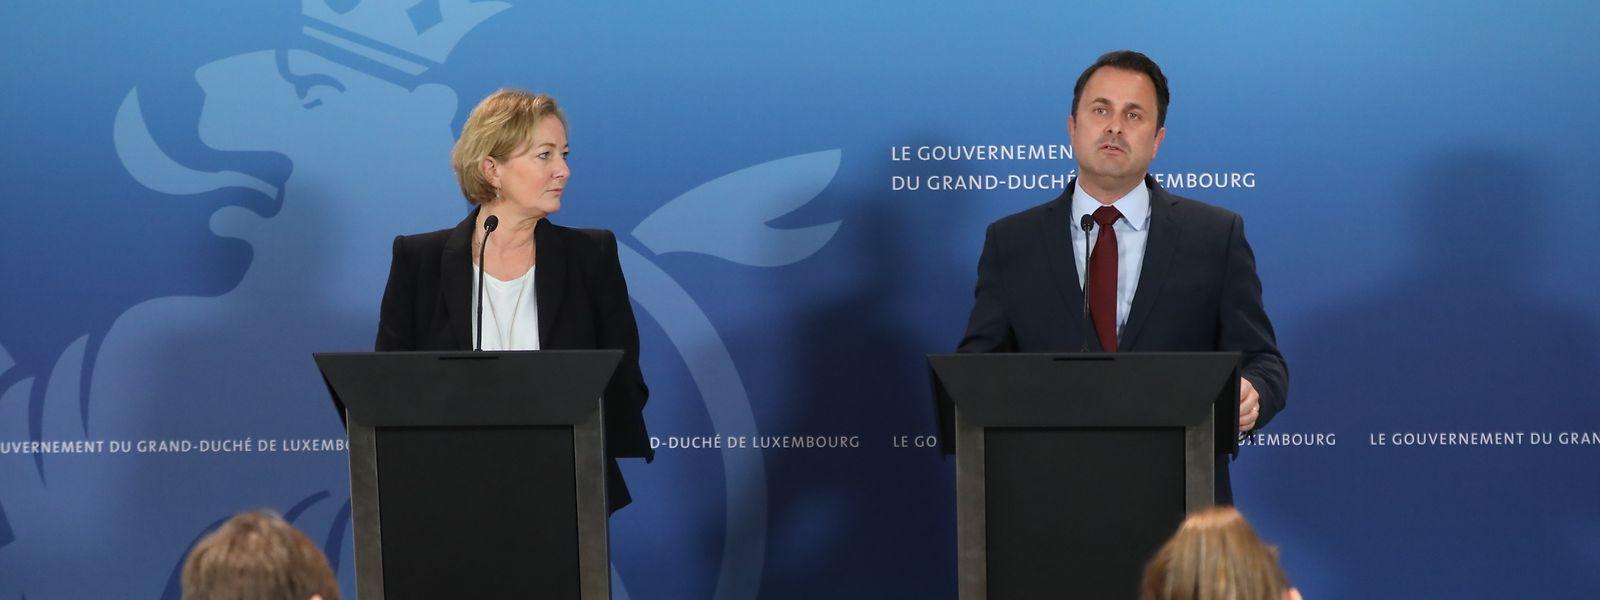 Entre le 16 et 29 mars, les crèches et tous les établissements scolaires seront fermés au Luxembourg pour limiter la propagation du virus, annonce jeudi soir Xavier Bettel et Paulette Lenert.